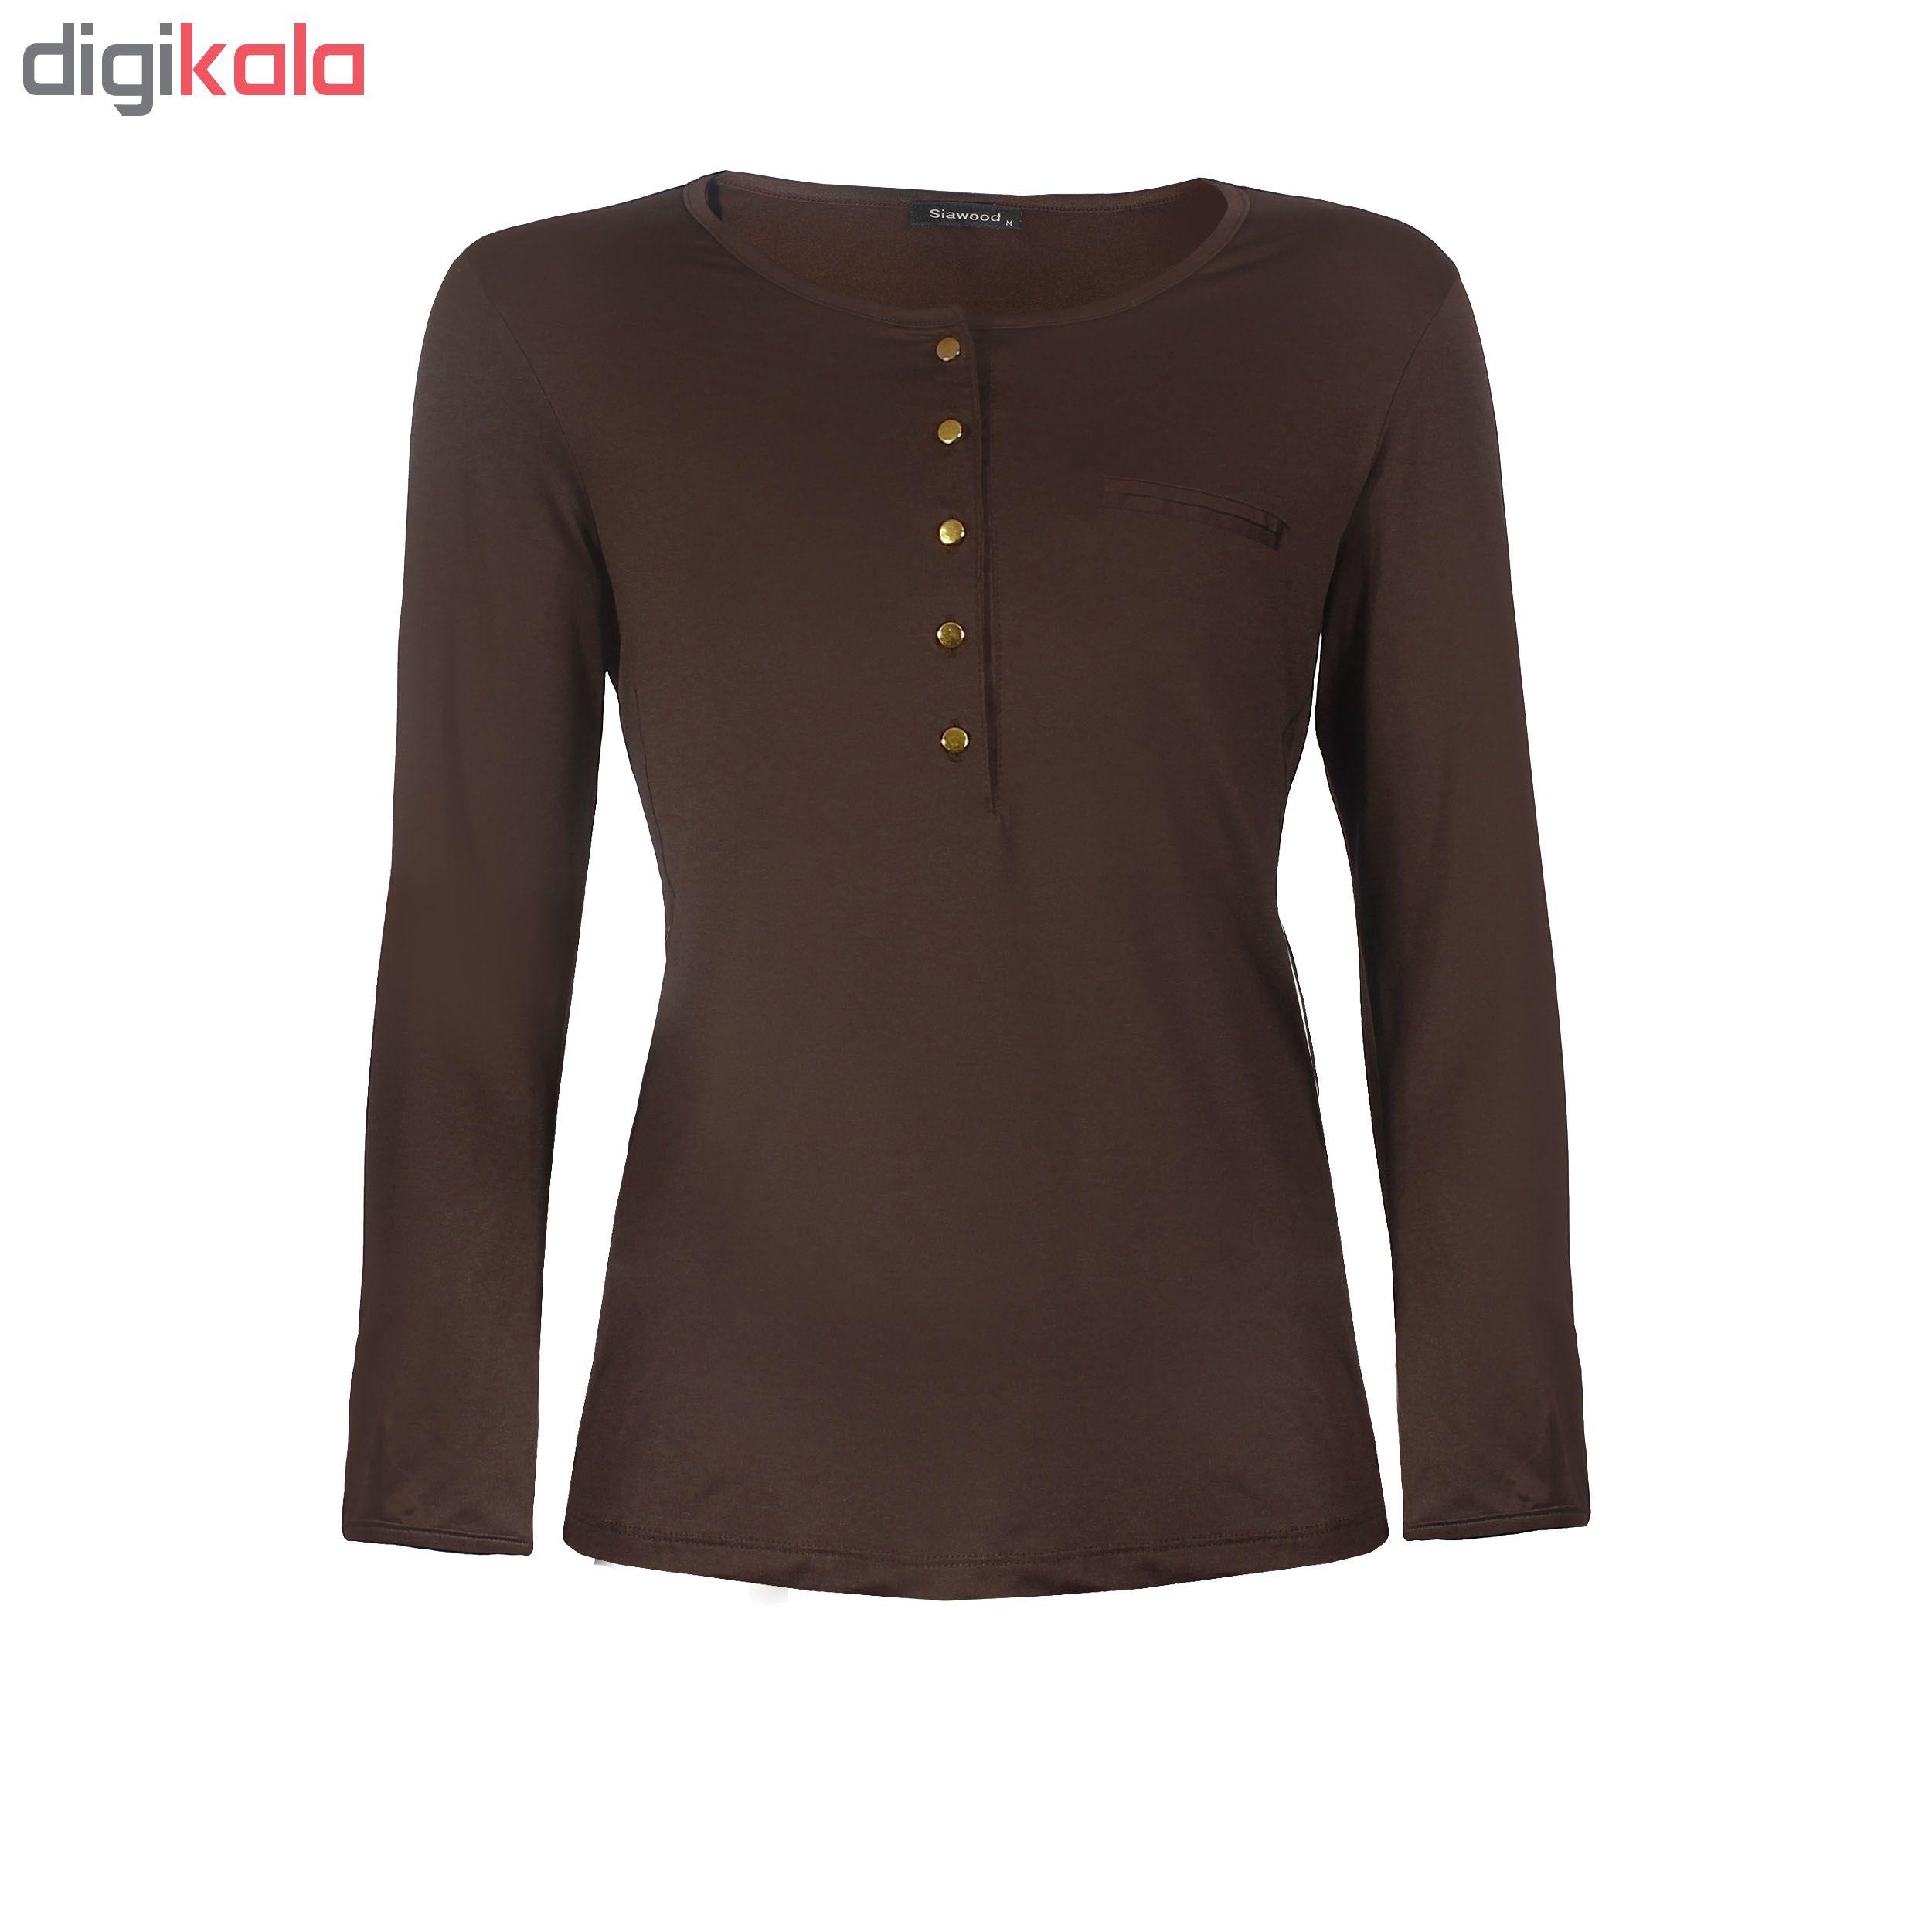 تی شرت زنانه سیاوود مدل KARA کد B0175 رنگ قهوه ای